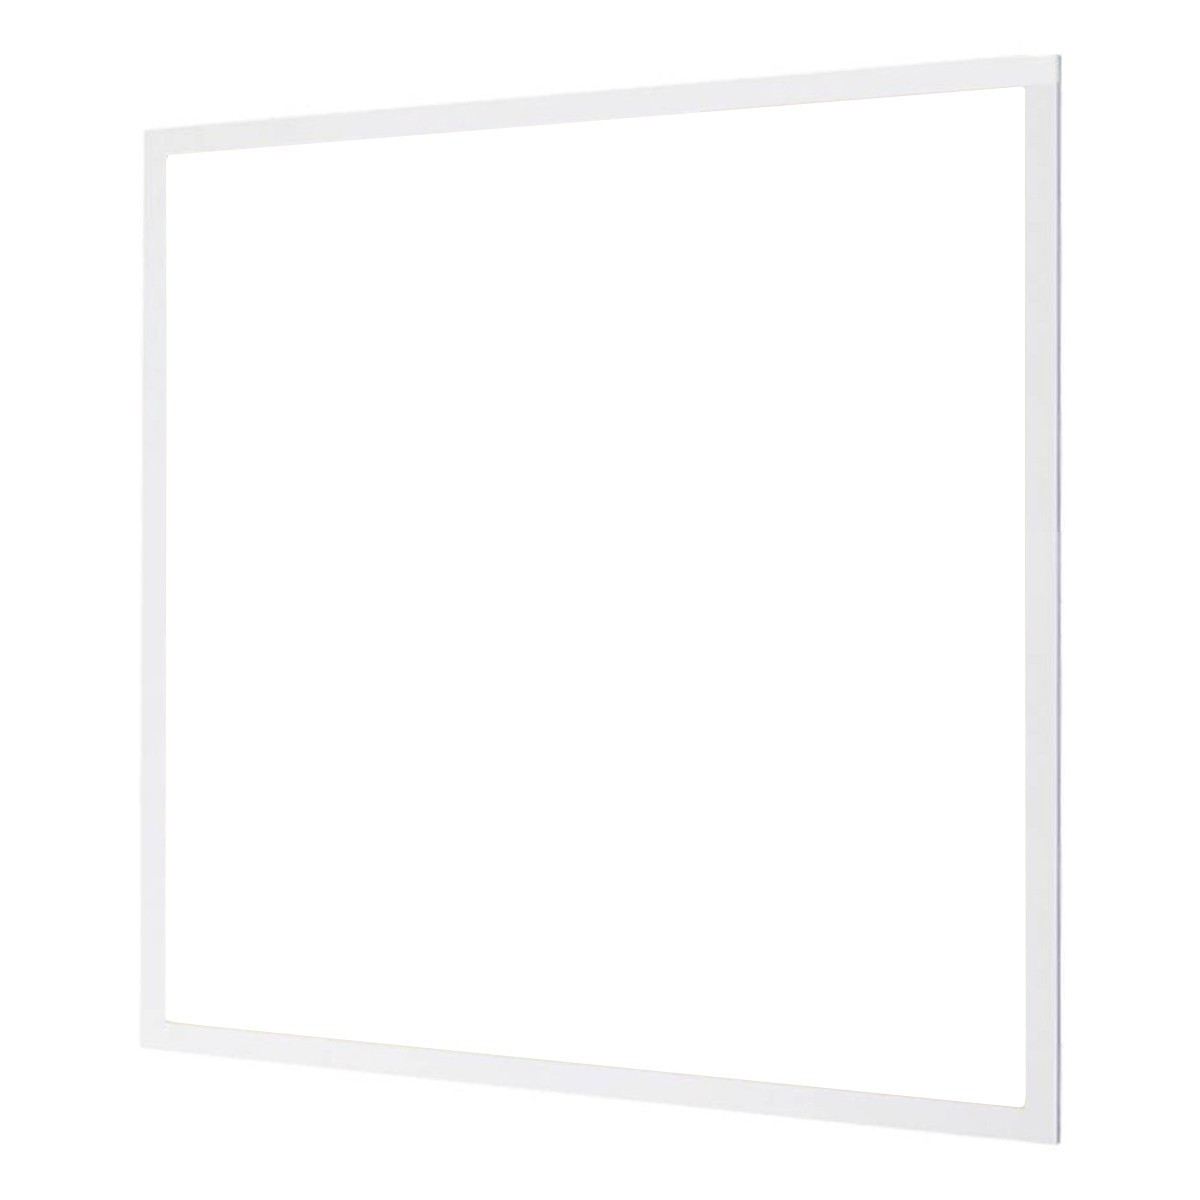 LED Paneel - Aigi - 60x60 Helder/Koud Wit 6000K - 40W Inbouw Vierkant - Inclusief Stekker - Mat Wit - Flikkervrij